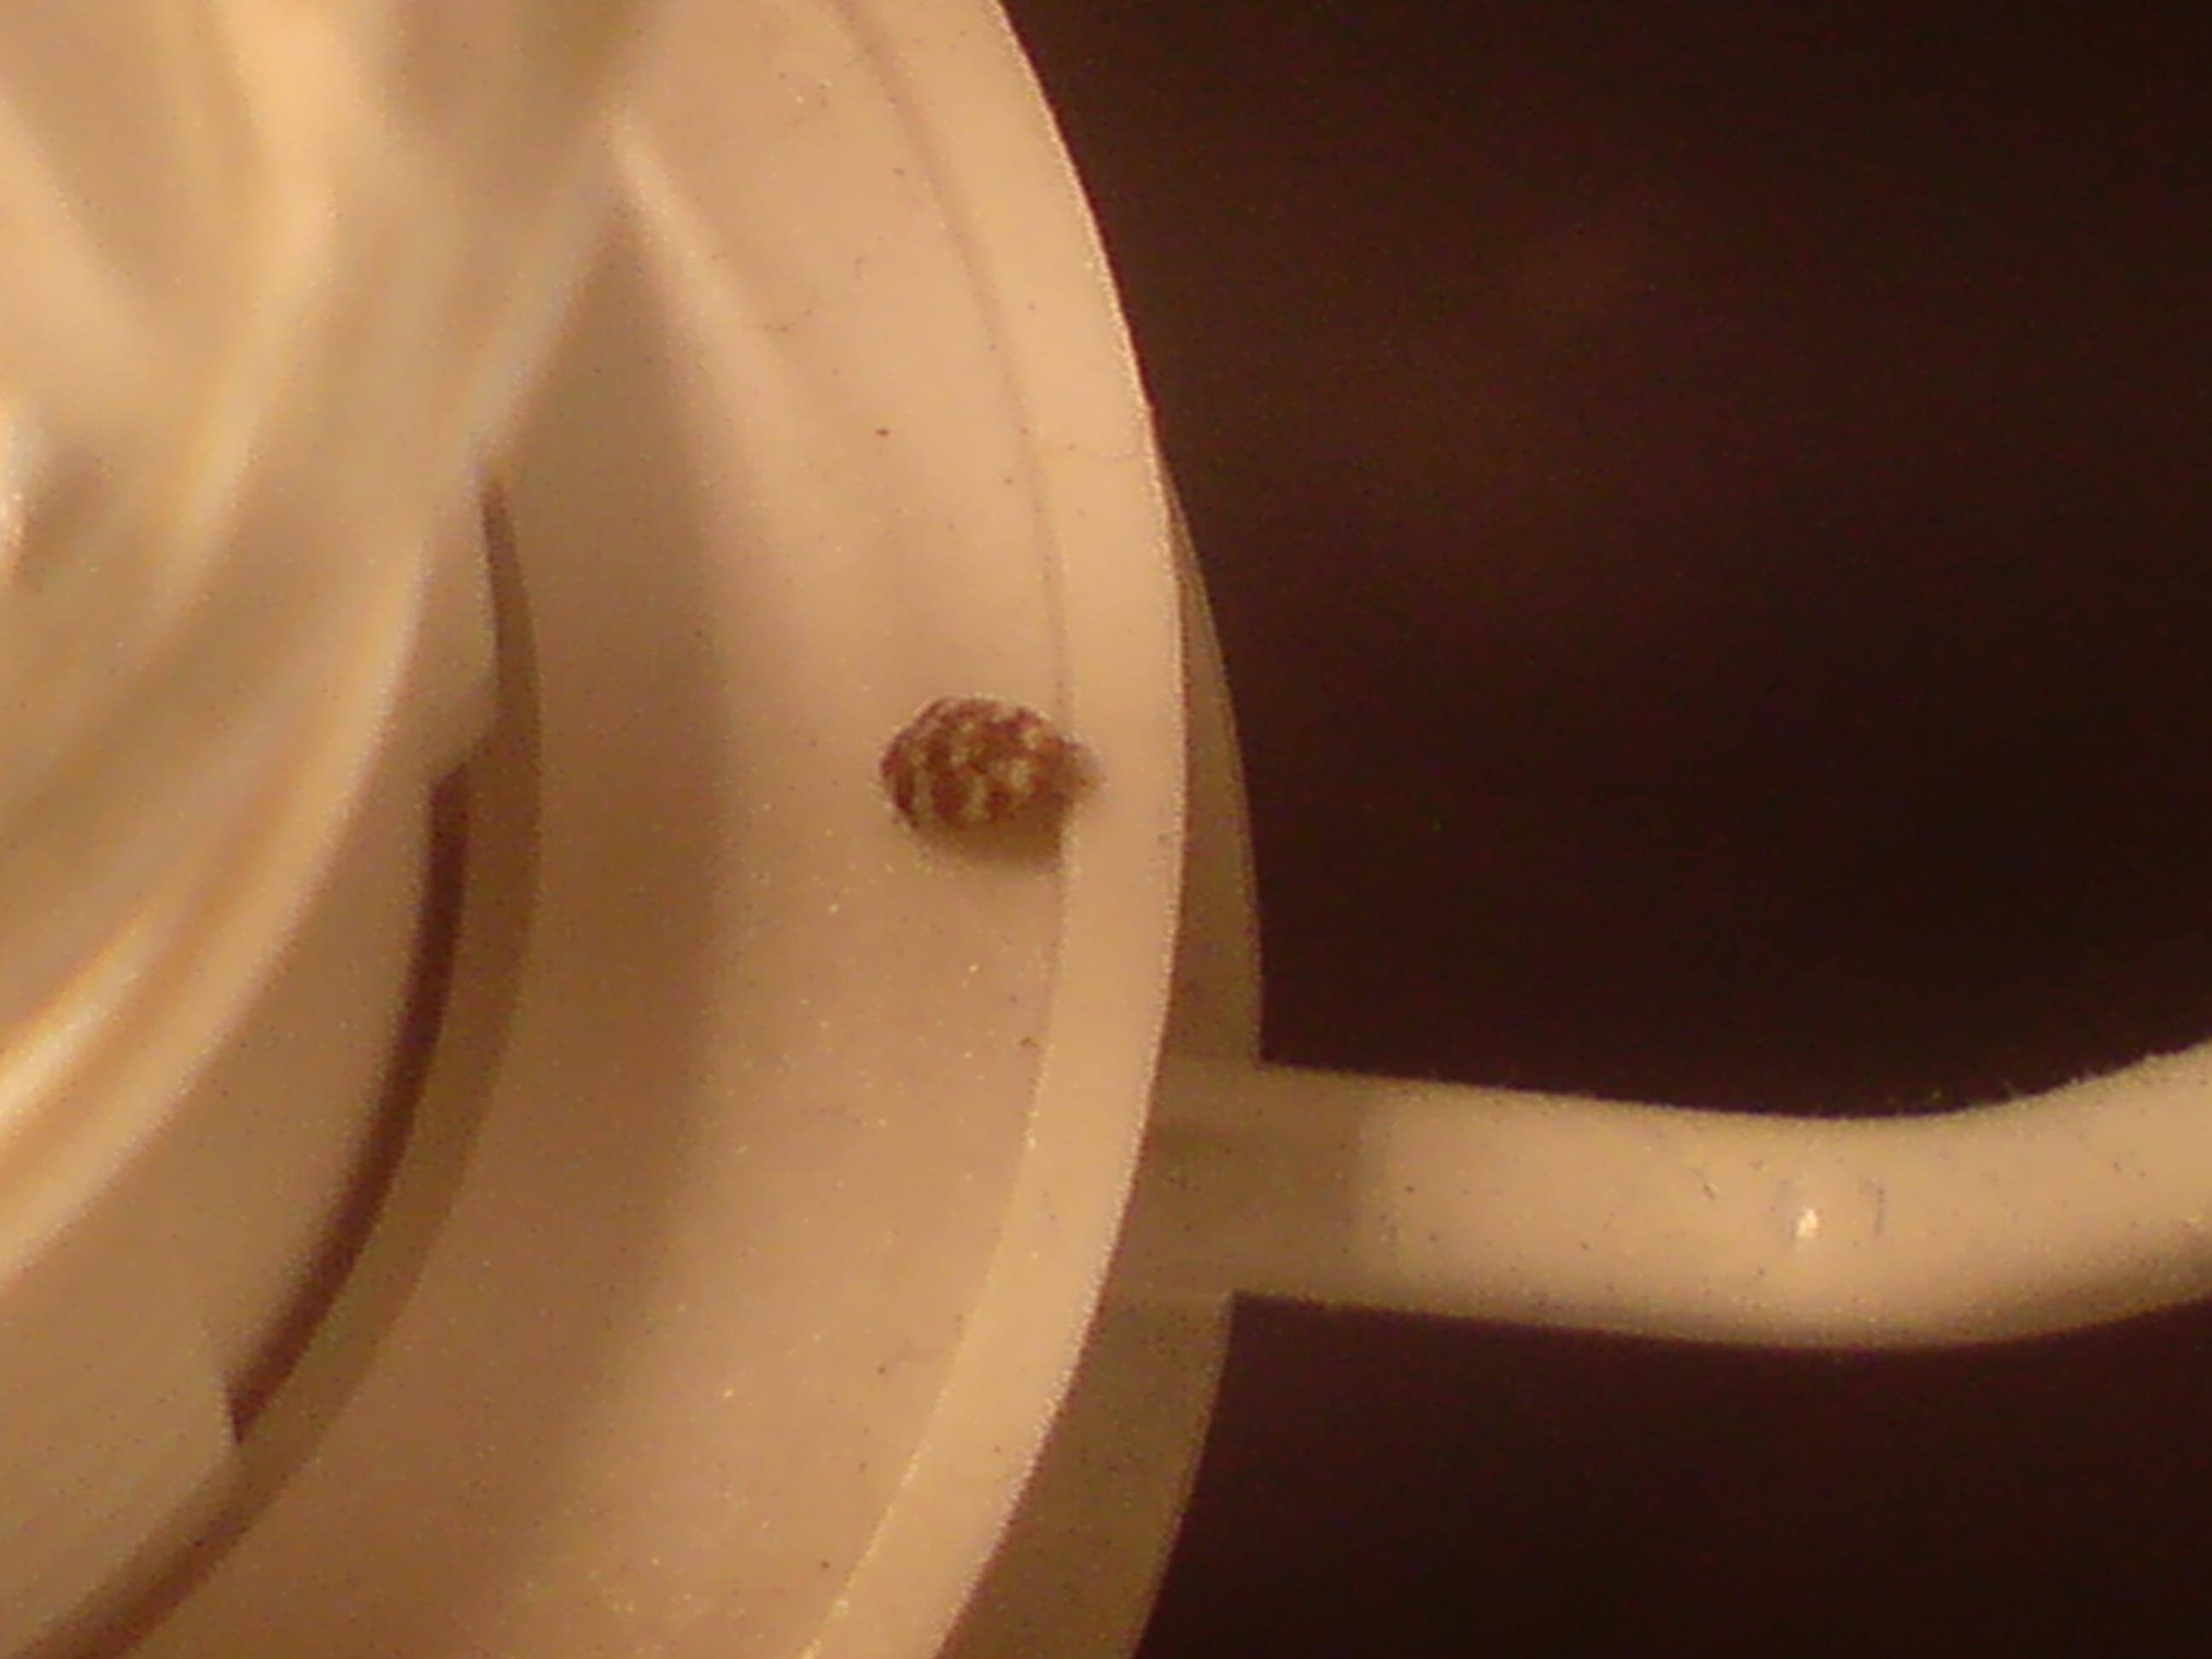 Kleine Käfer im Schlafzimmer | ComputerBase Forum